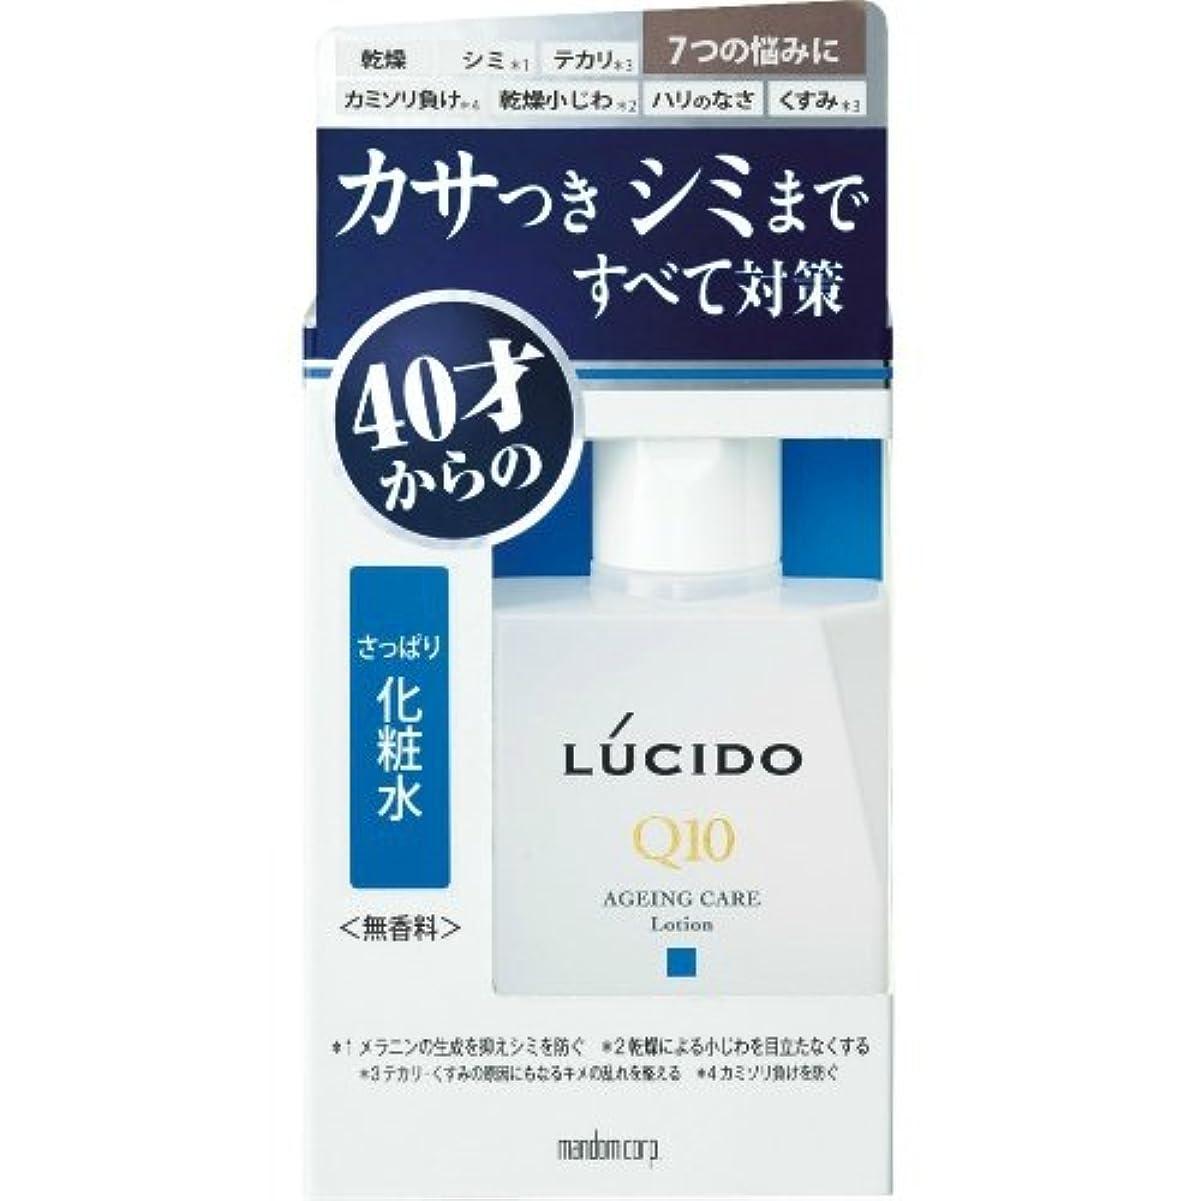 経度関連するスプーンMANDOM マンダム ルシード 薬用トータルケア さっぱり化粧水 無香料 110ml ×036点セット(4902806107296)